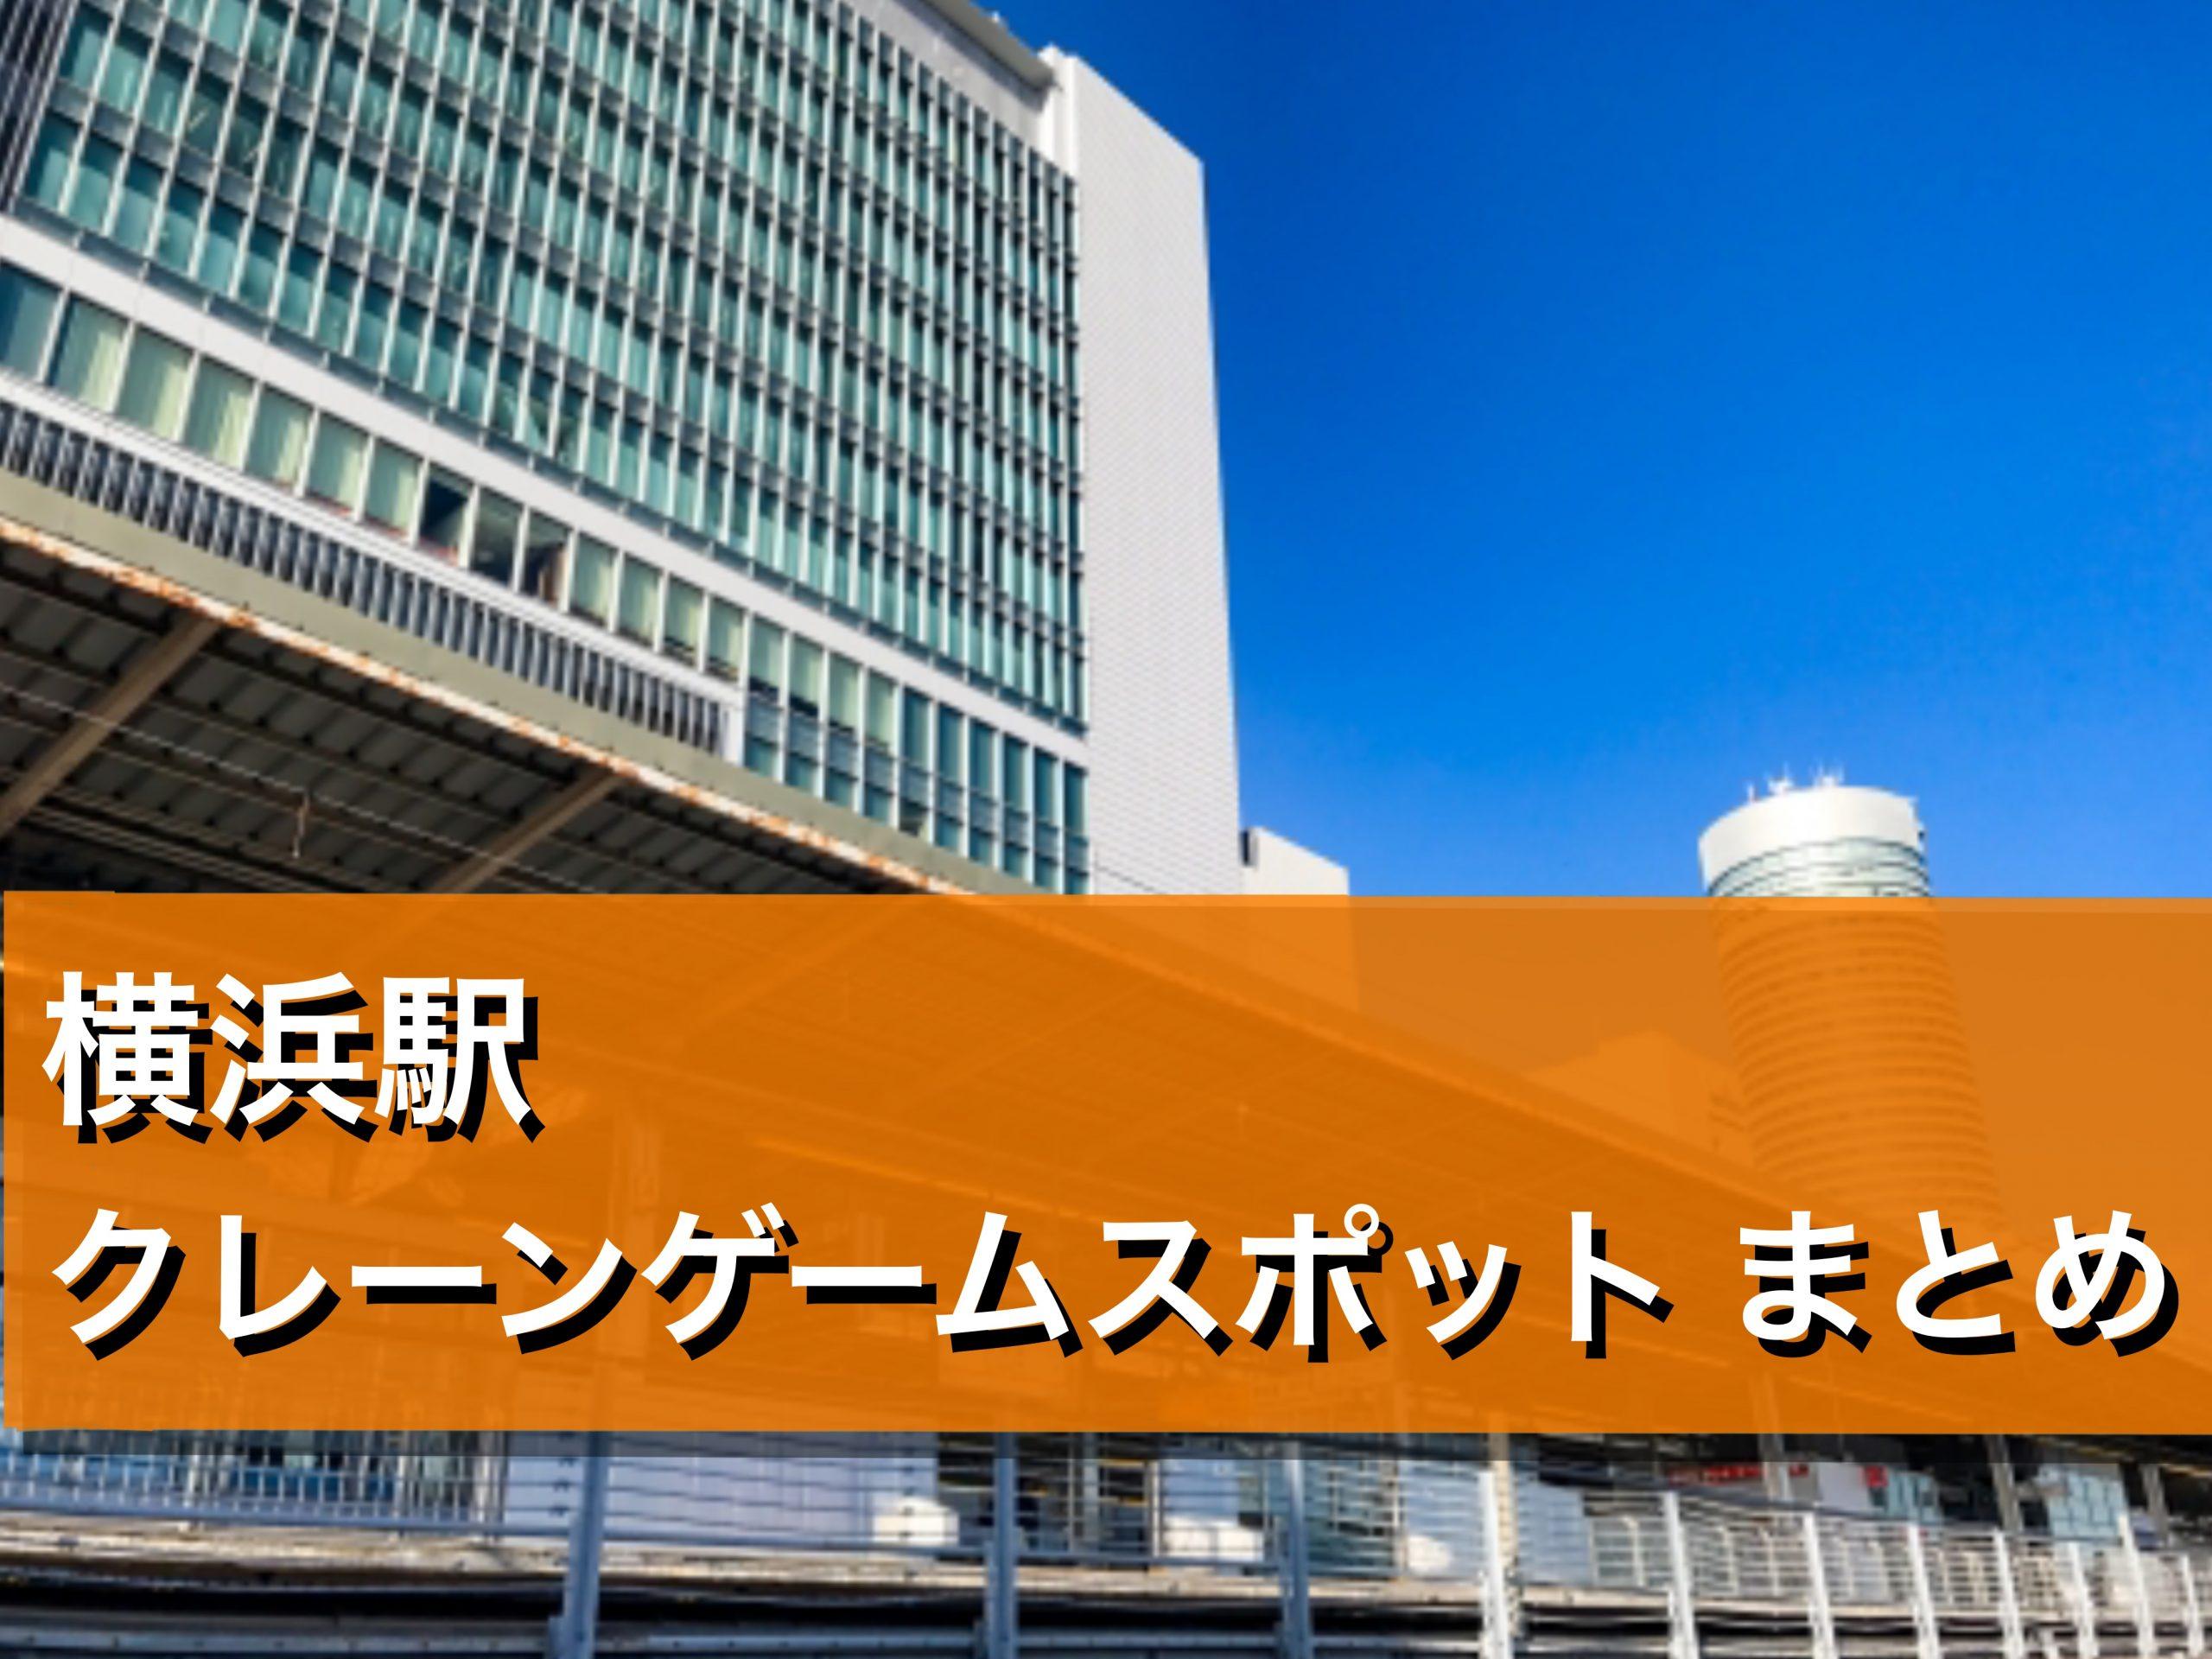 【横浜駅】クレーンゲームができる場所